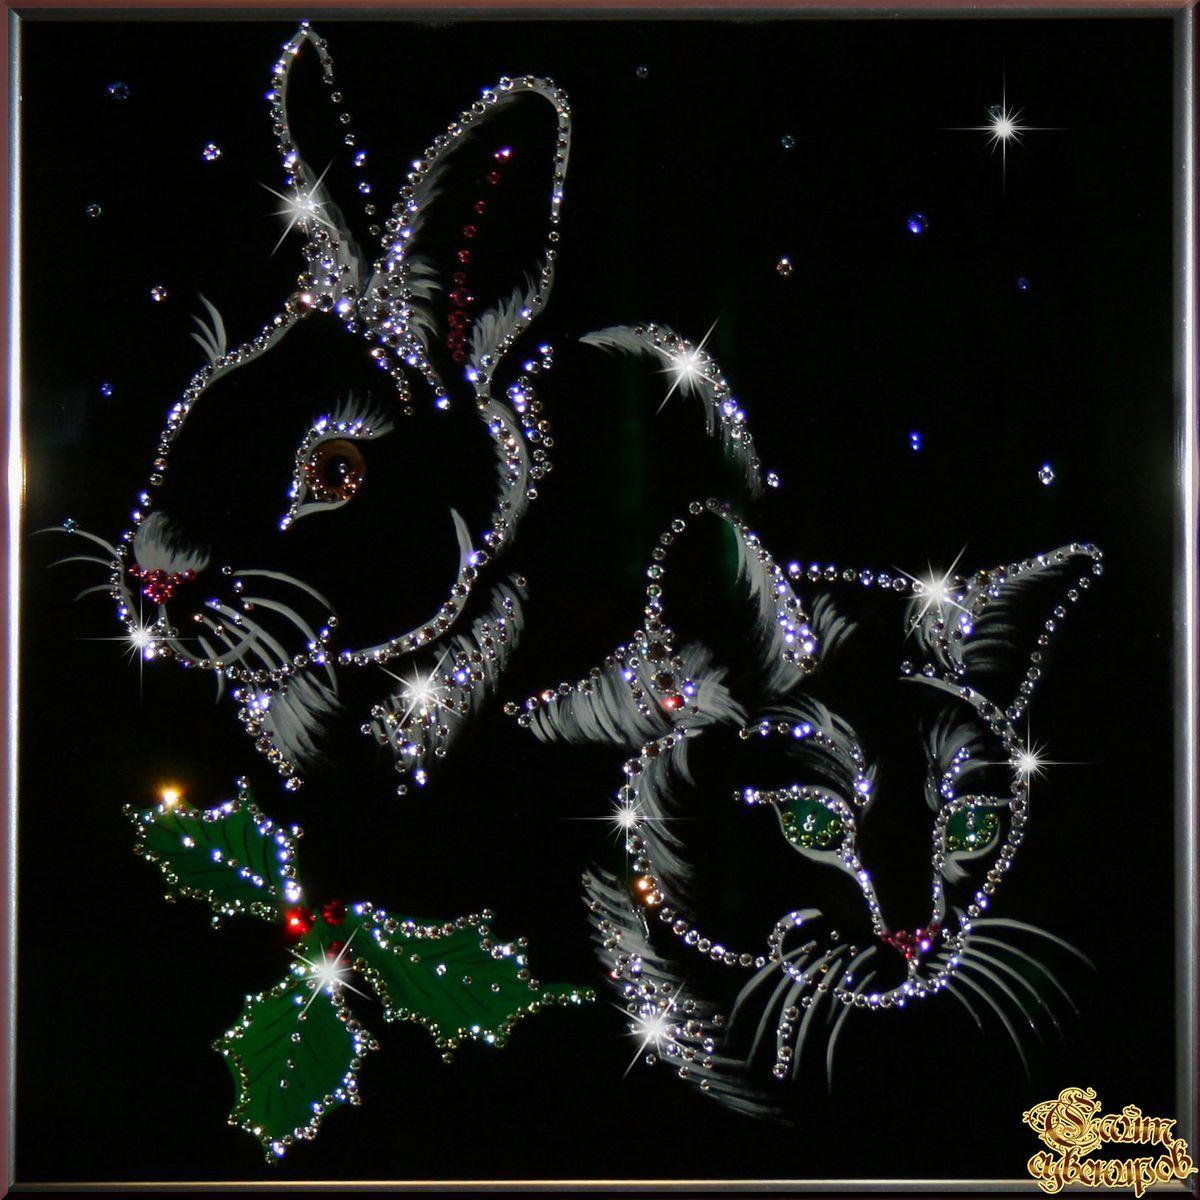 ужин или блестяшки картинки кошки перов